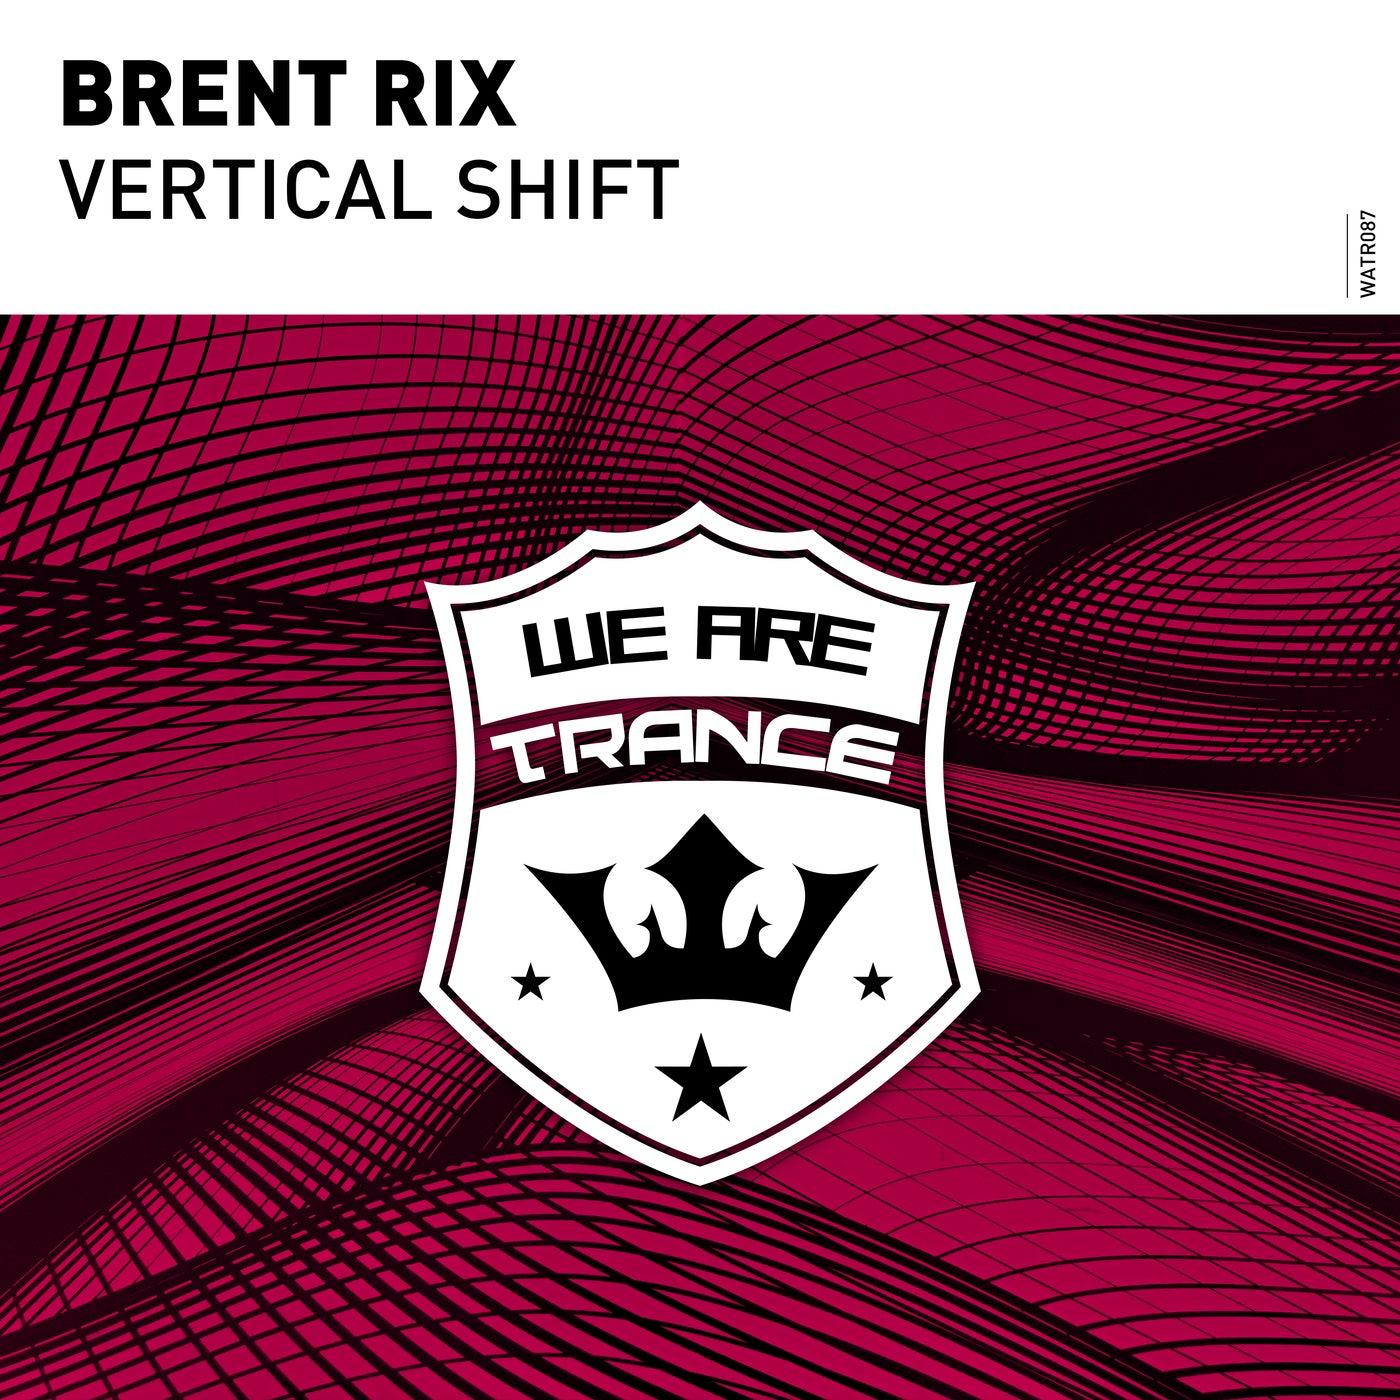 Rene Ablaze feat. Crystal Blakk - Torn Into Pieces (Brent Rix remix)